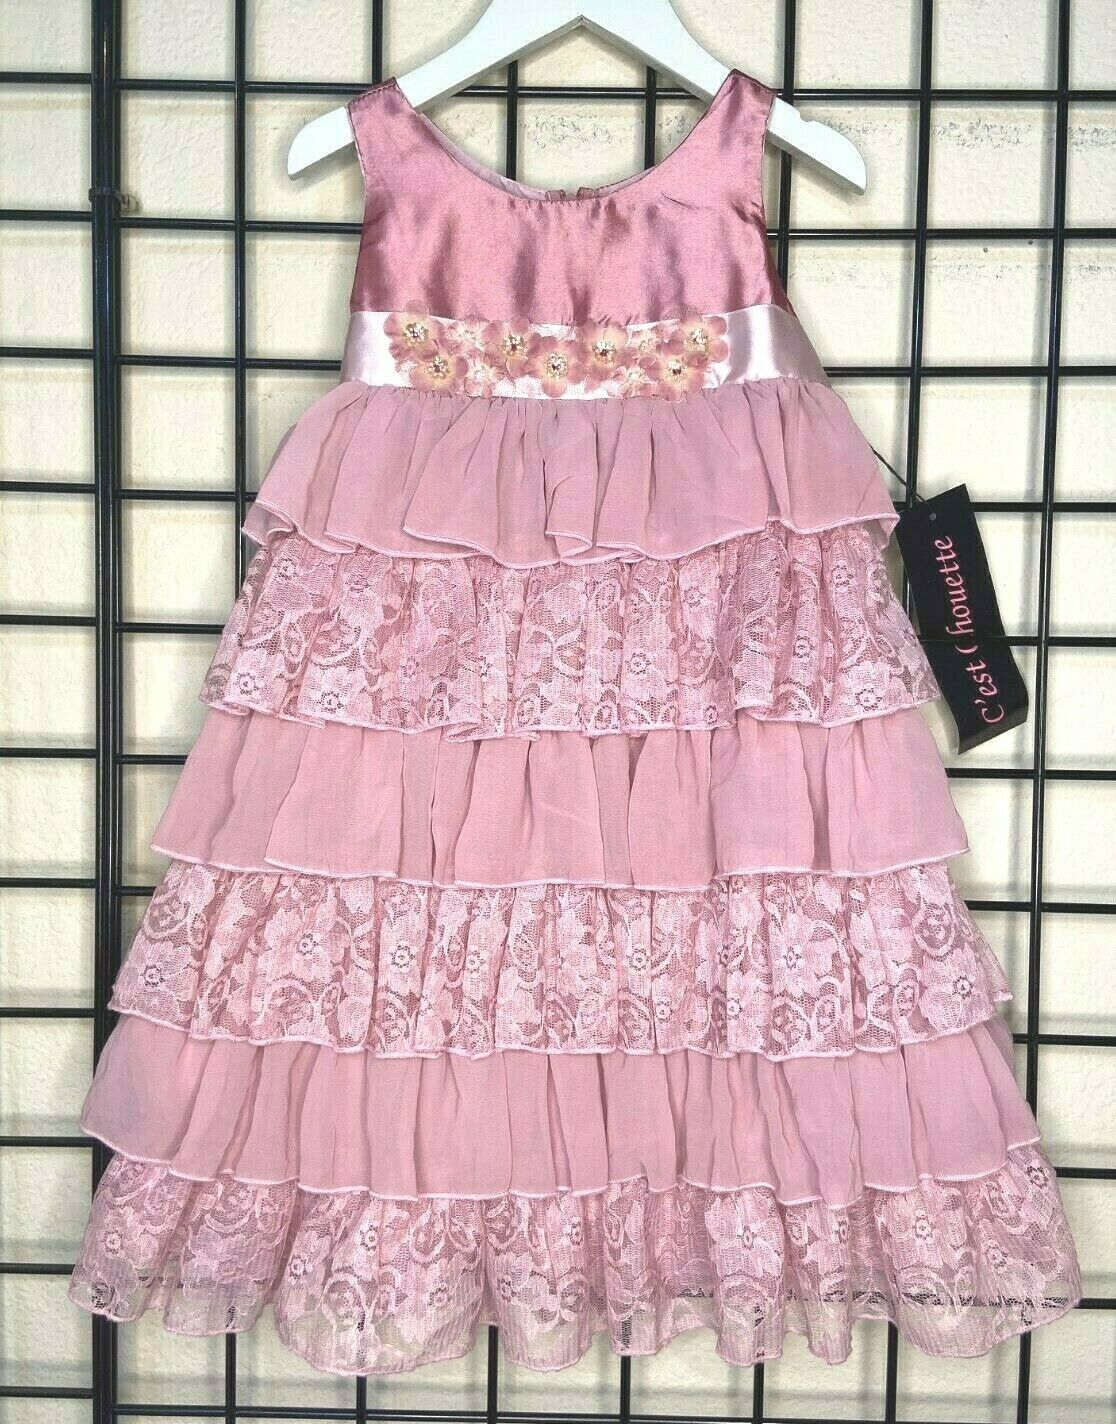 NEW NWT Mauve Pink Satin/Chiffon/Lace PLUSH Dress-C'est Chouette 4Y-fit 4/5Y